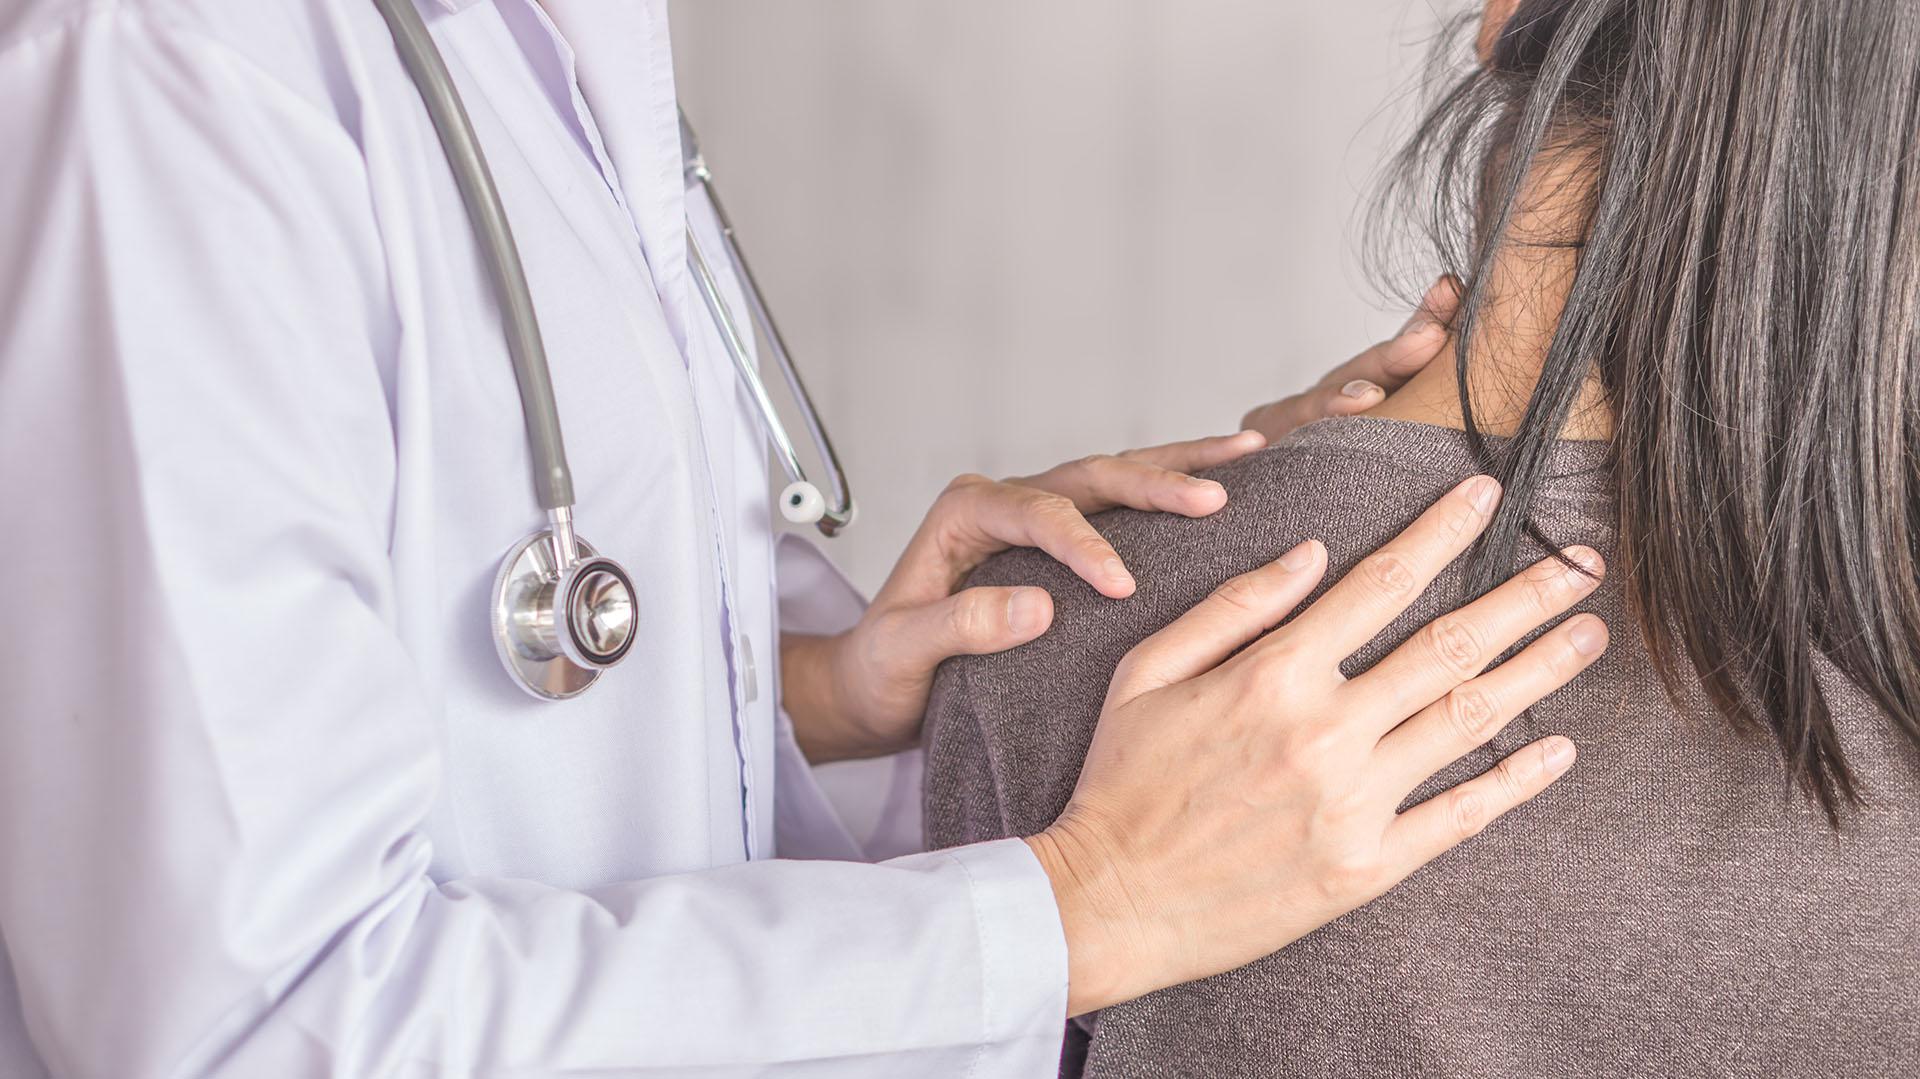 El tratamiento debe ser integral y coordinado por un equipo experto e idóneo (Getty)